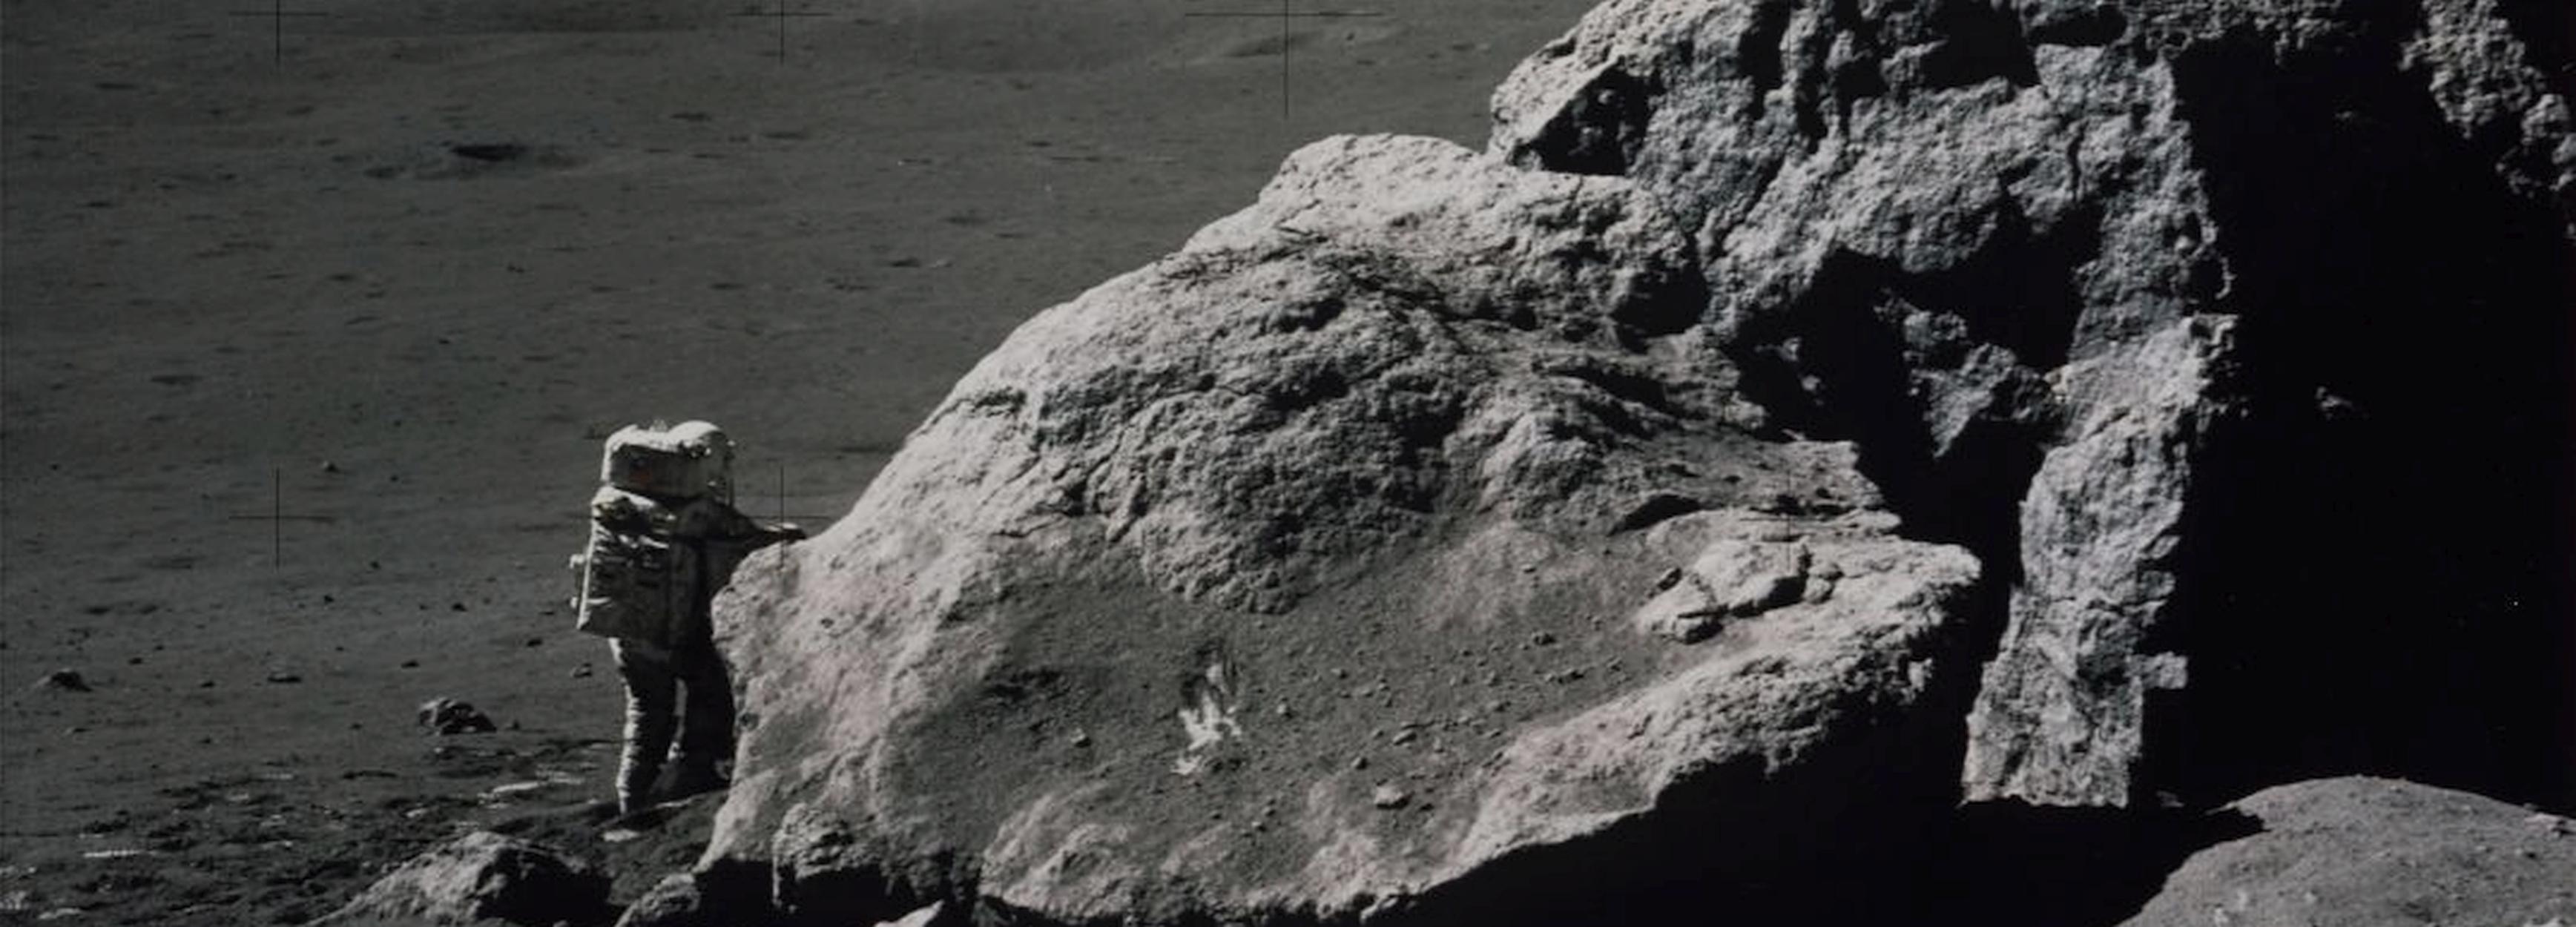 Lunar Panorama Photo